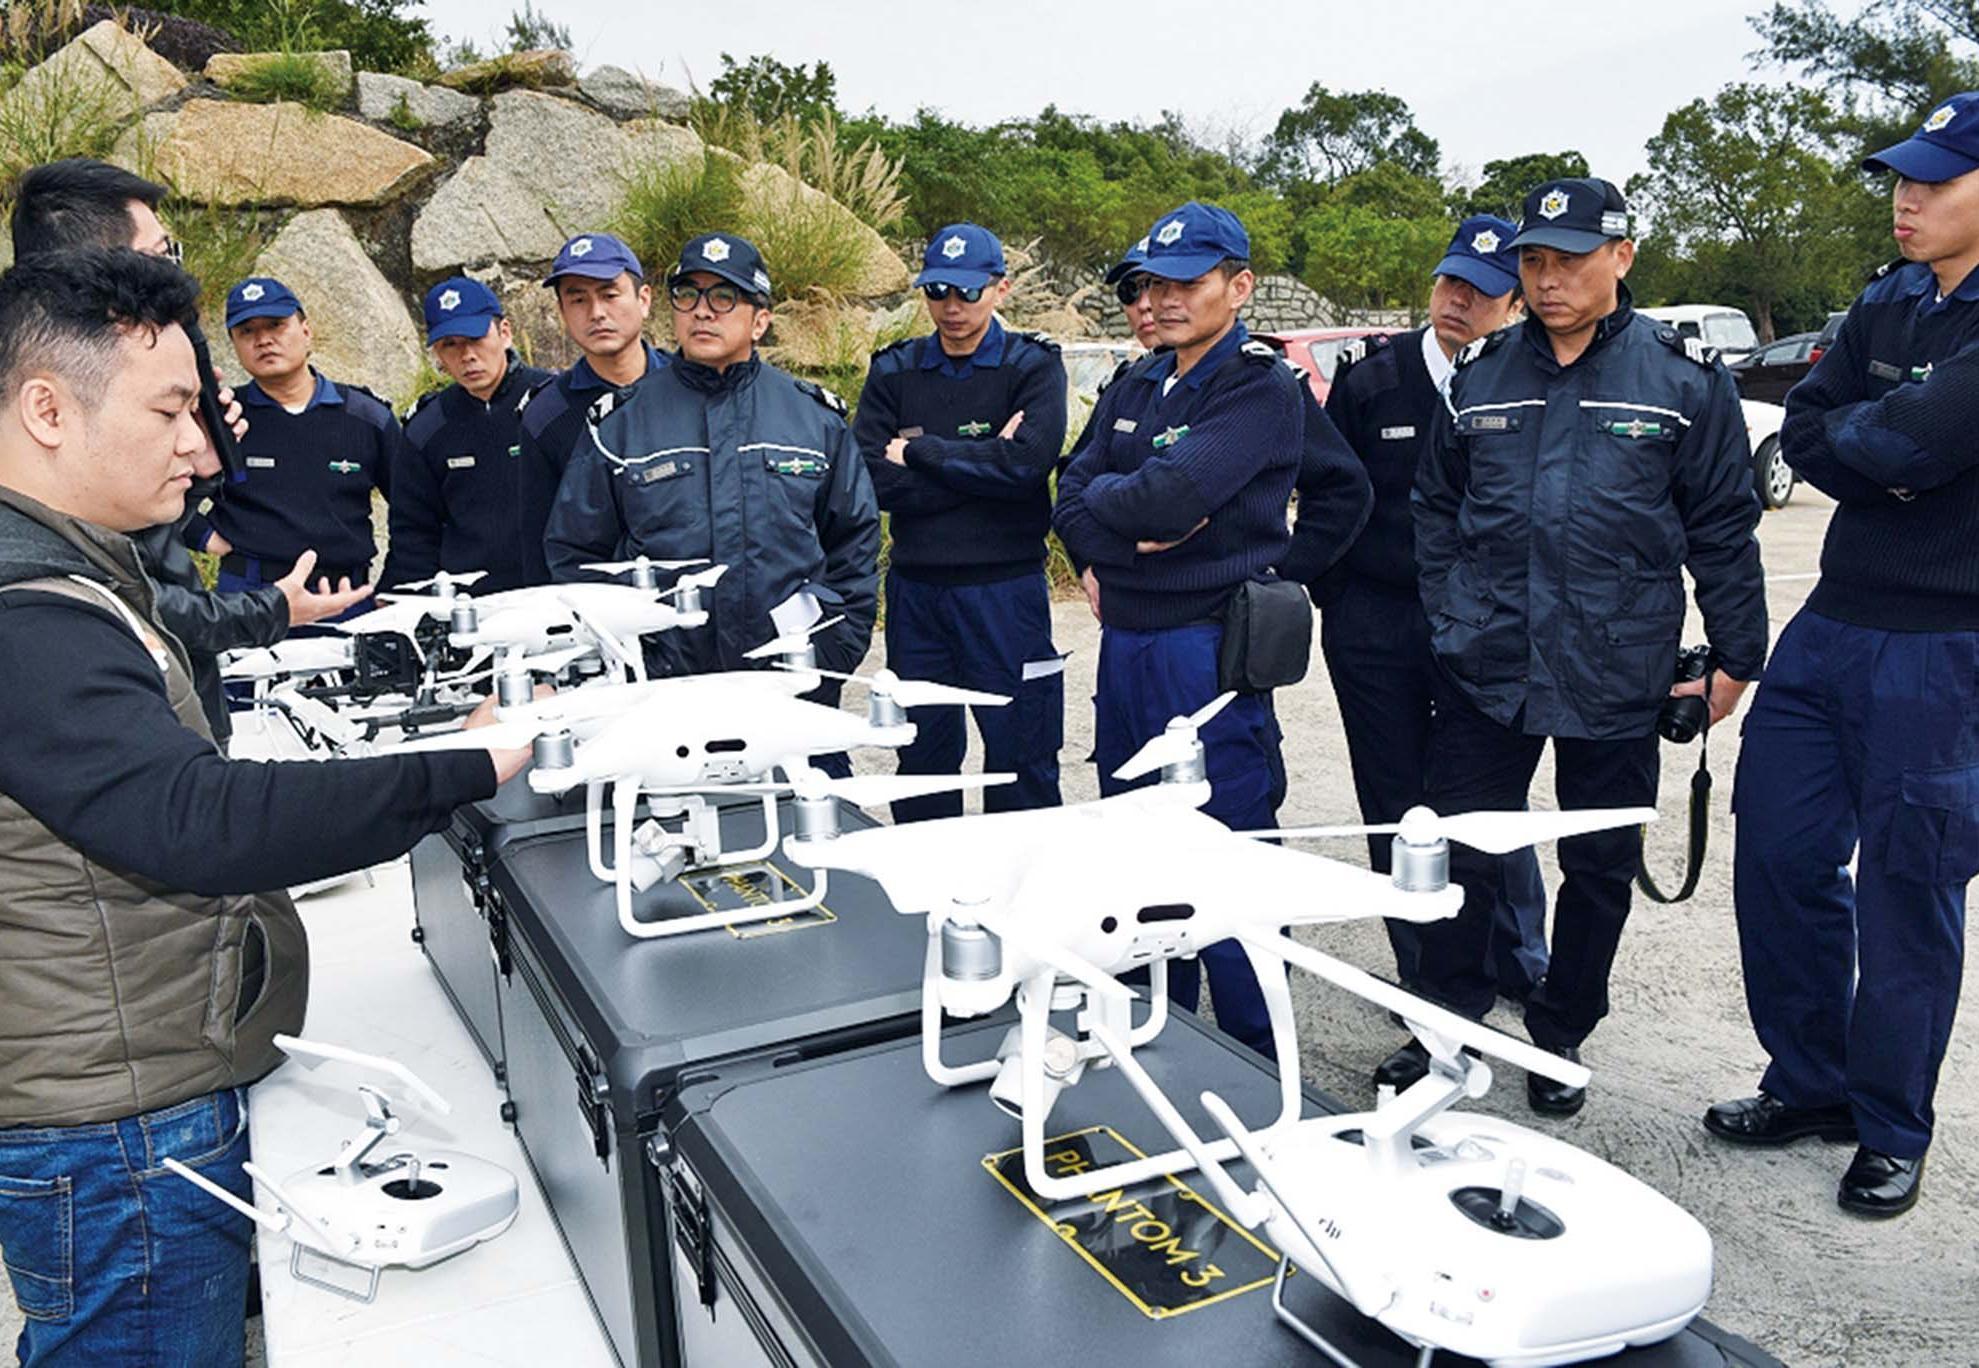 「無人機小隊」打擊偷渡活動